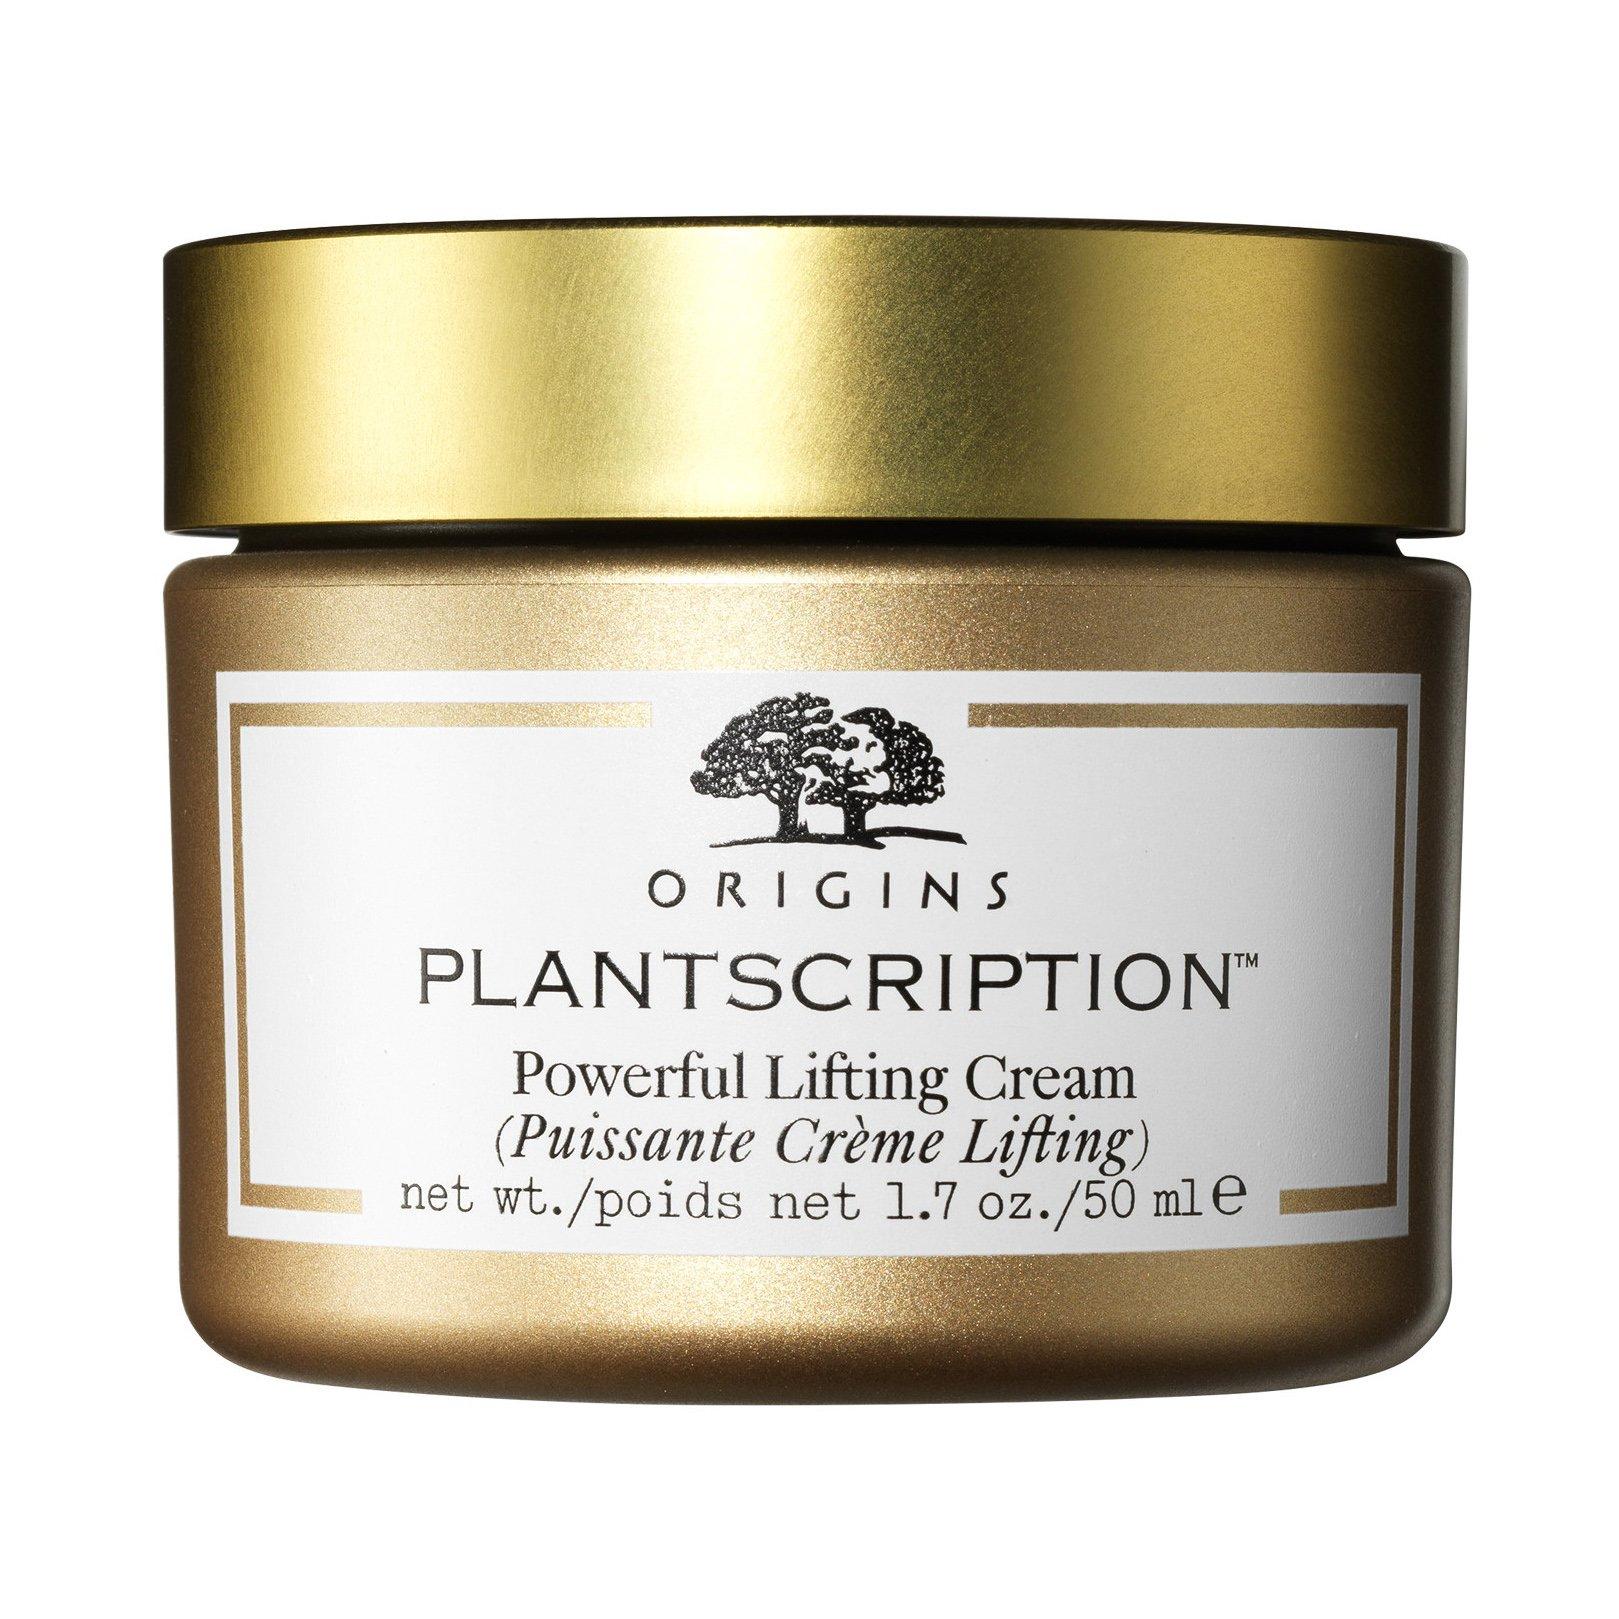 Origins Plantscription Powerful Lifting Cream Αντιγηραντική Κρέμα με Εντατική Δράση Lifting στην Επιδερμίδα 50ml